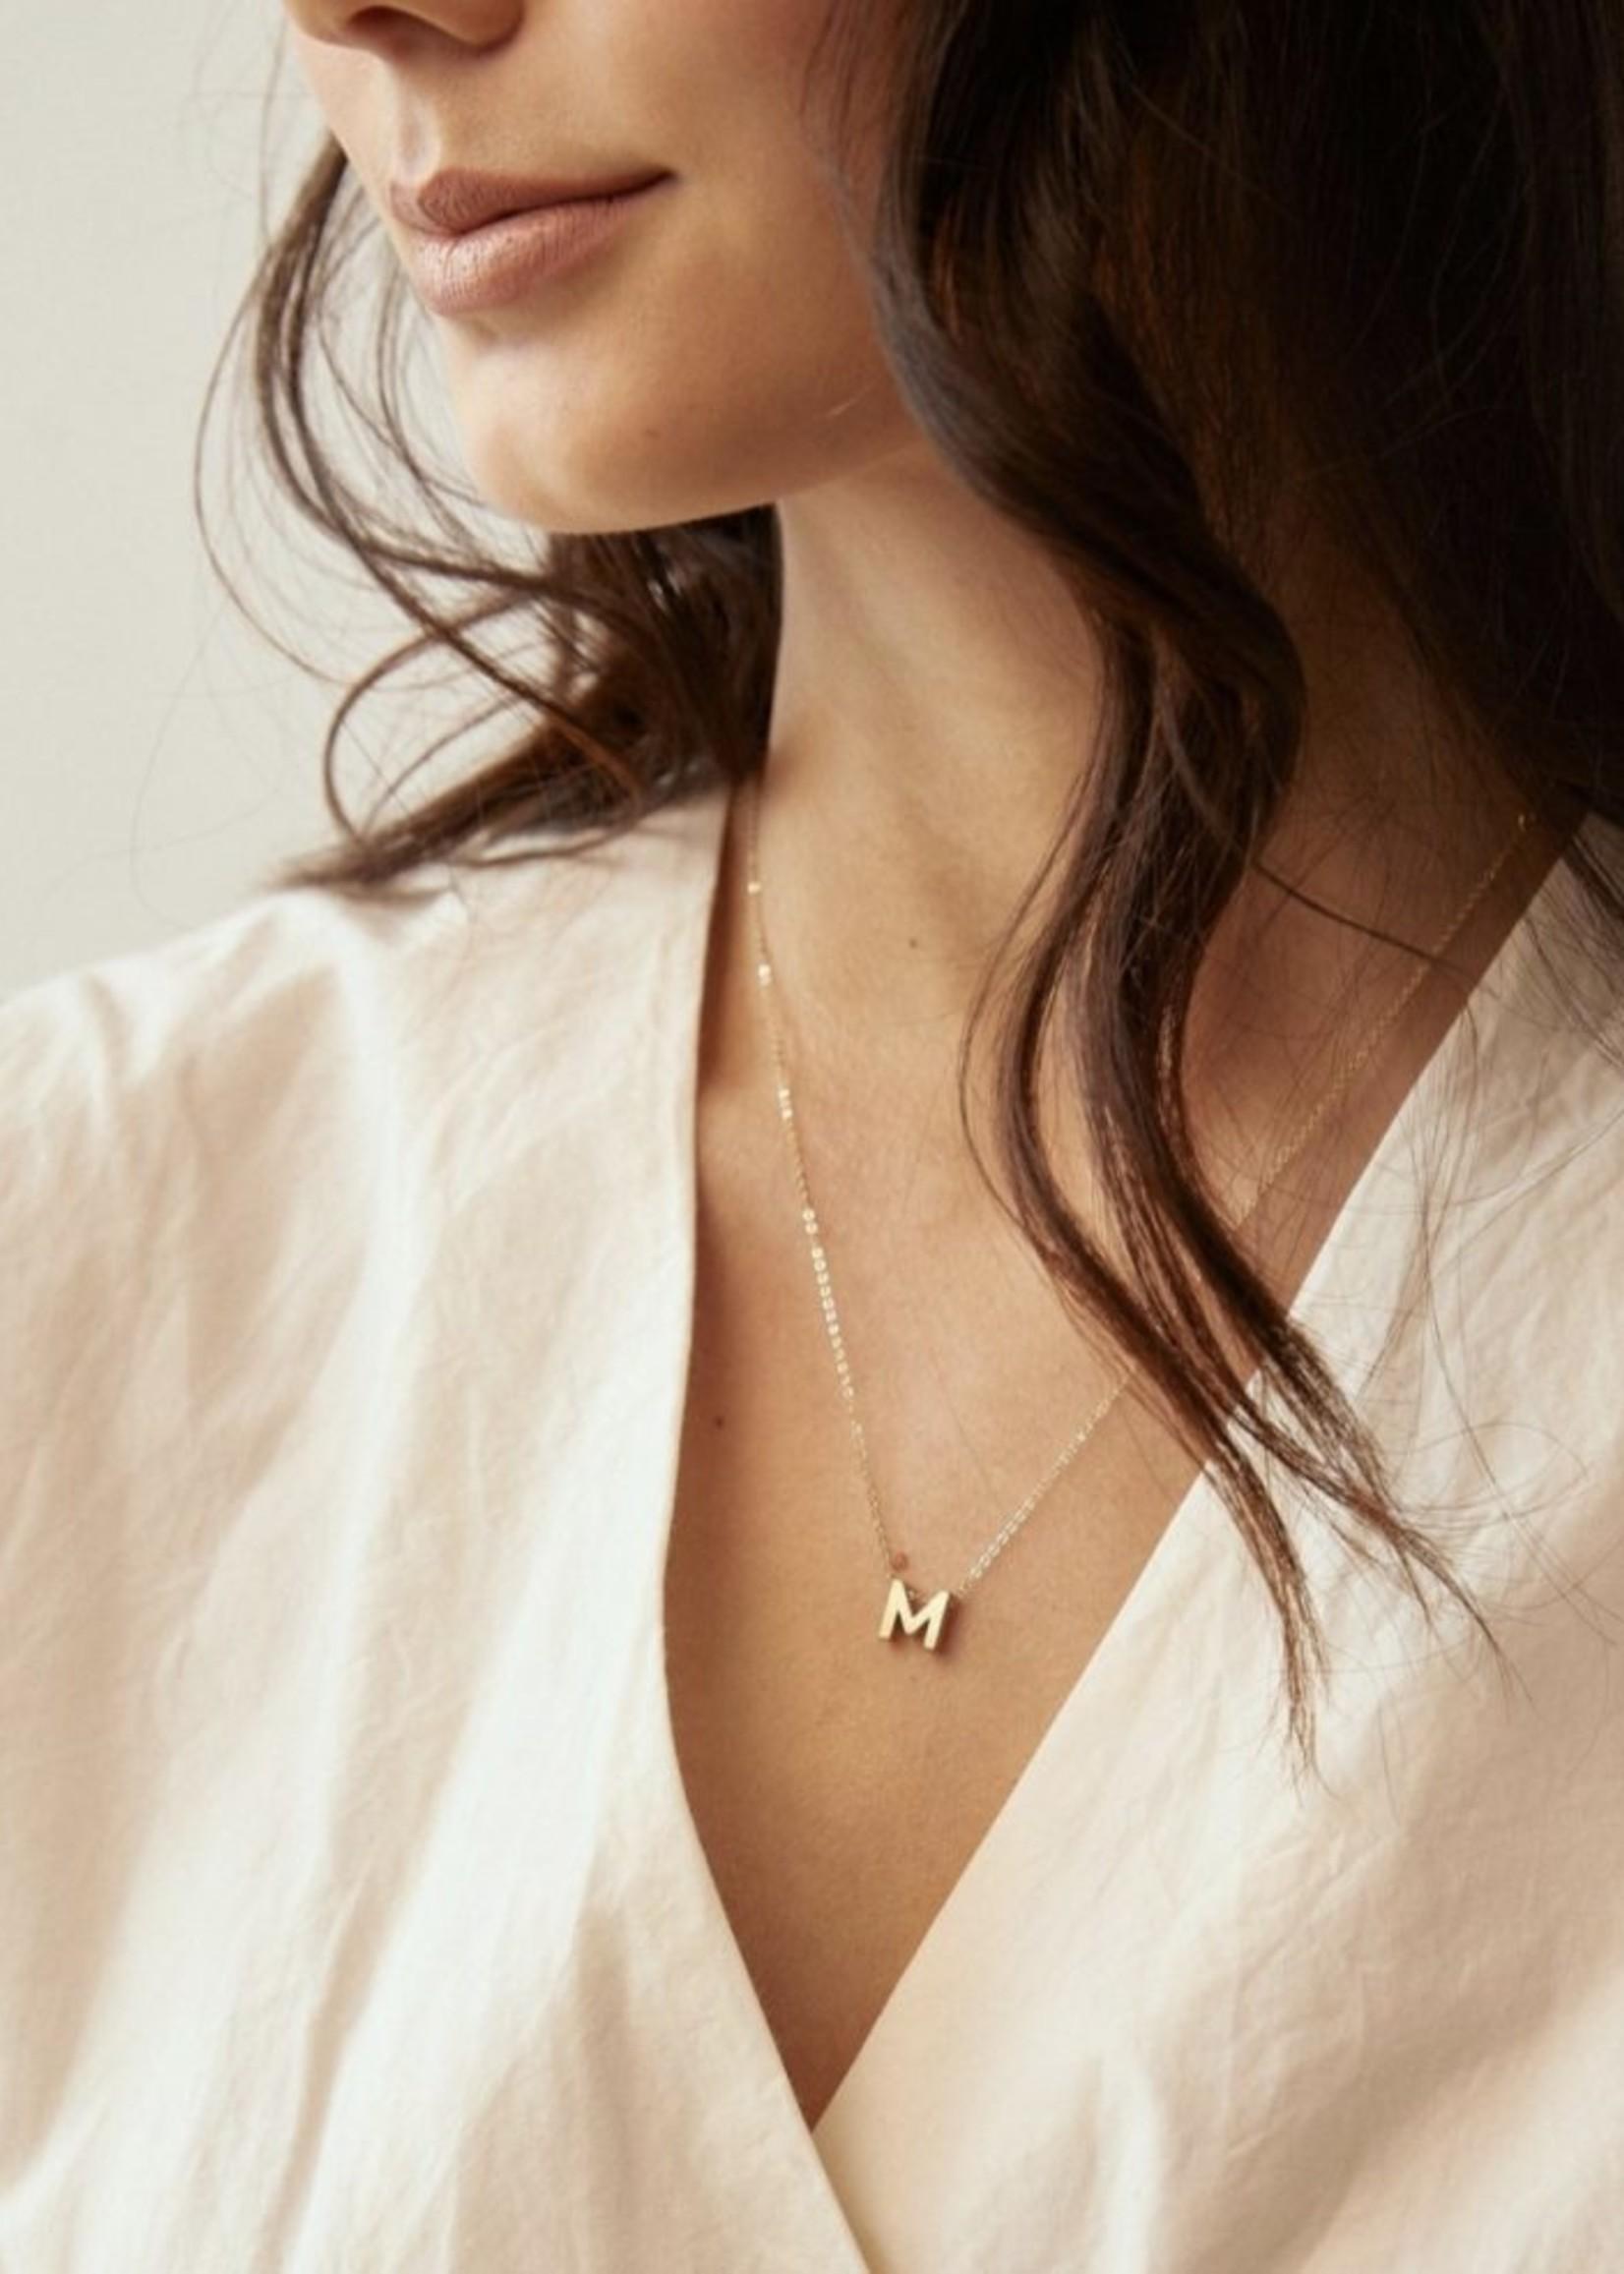 Elitaire Boutique Letter Charm Necklace